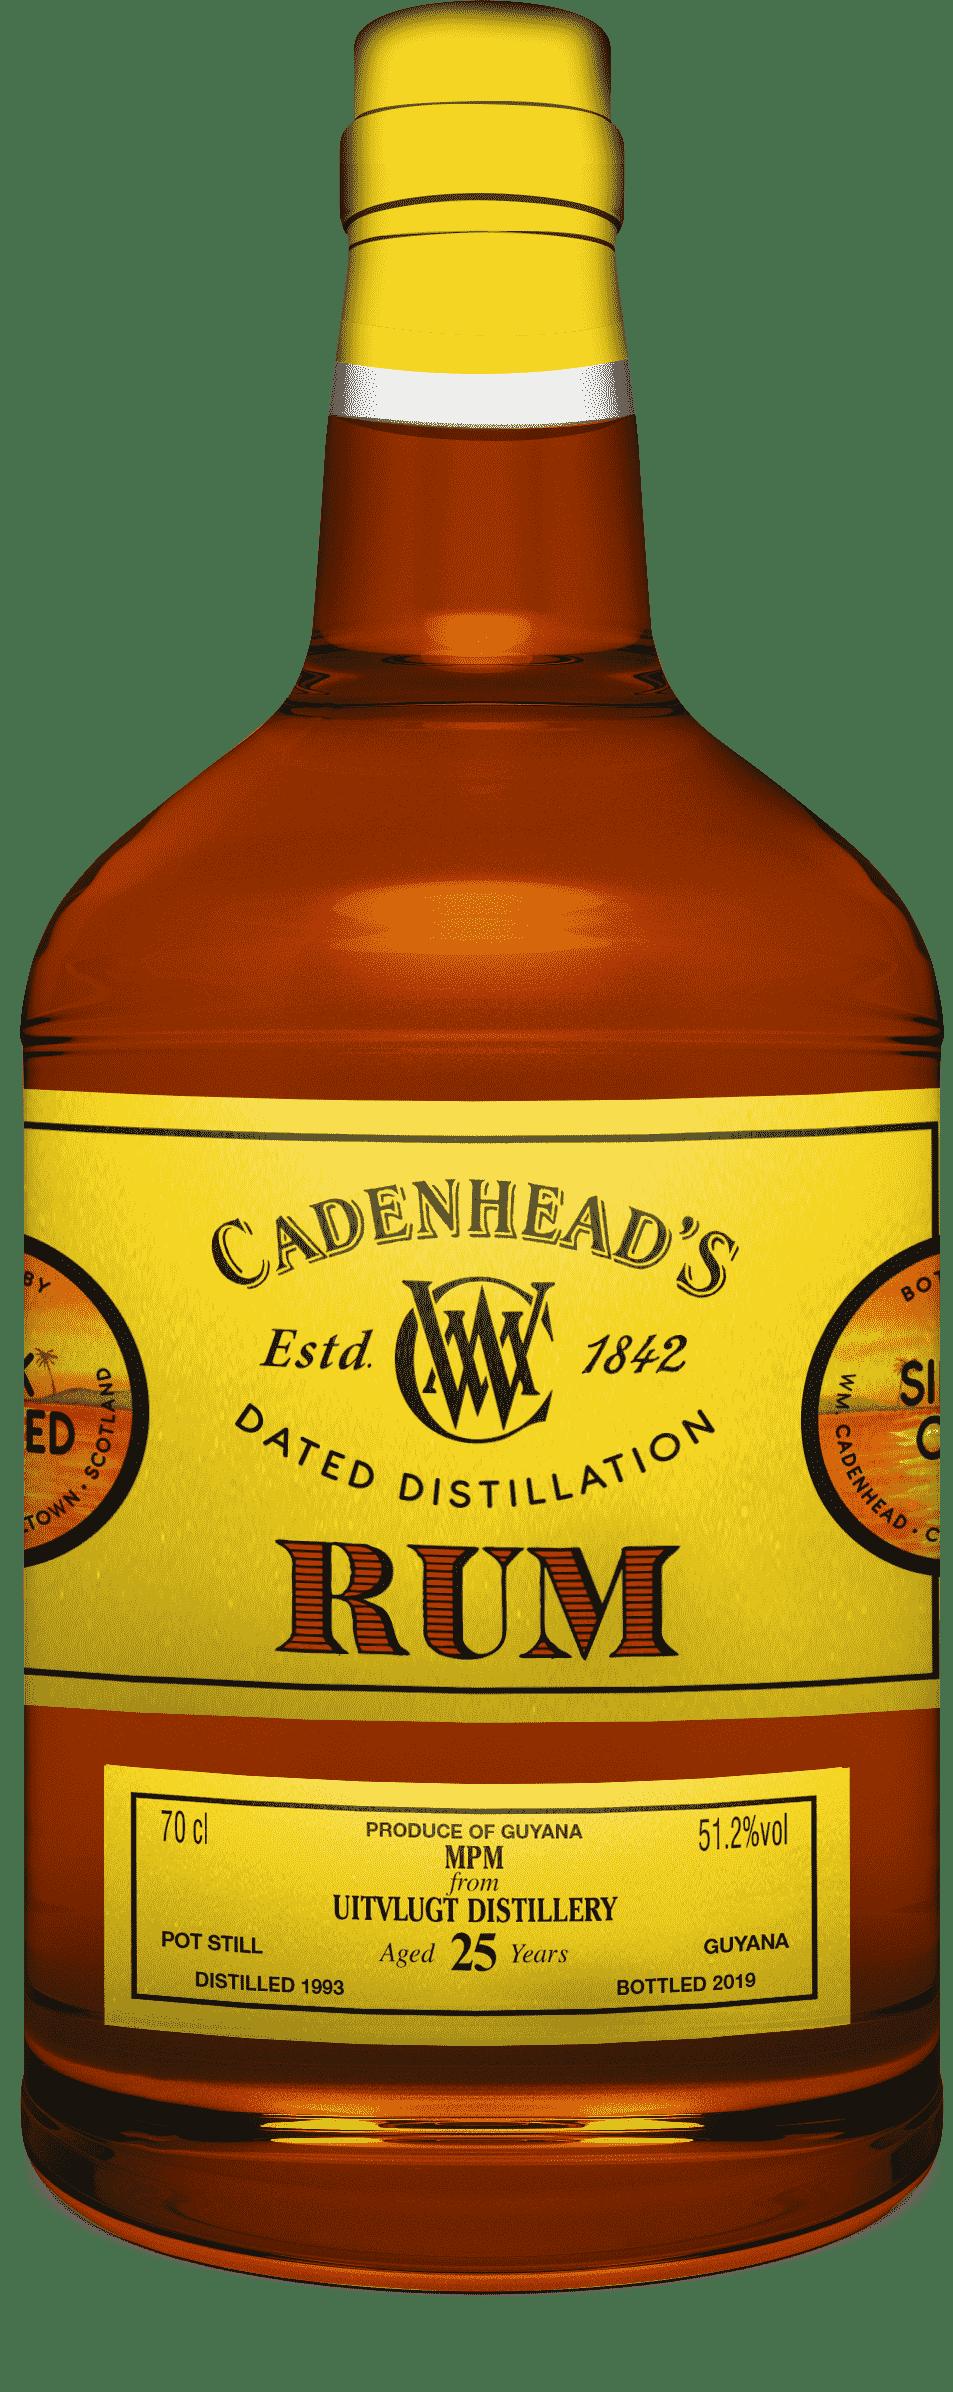 A Bottle of DD-Rum-Guyana